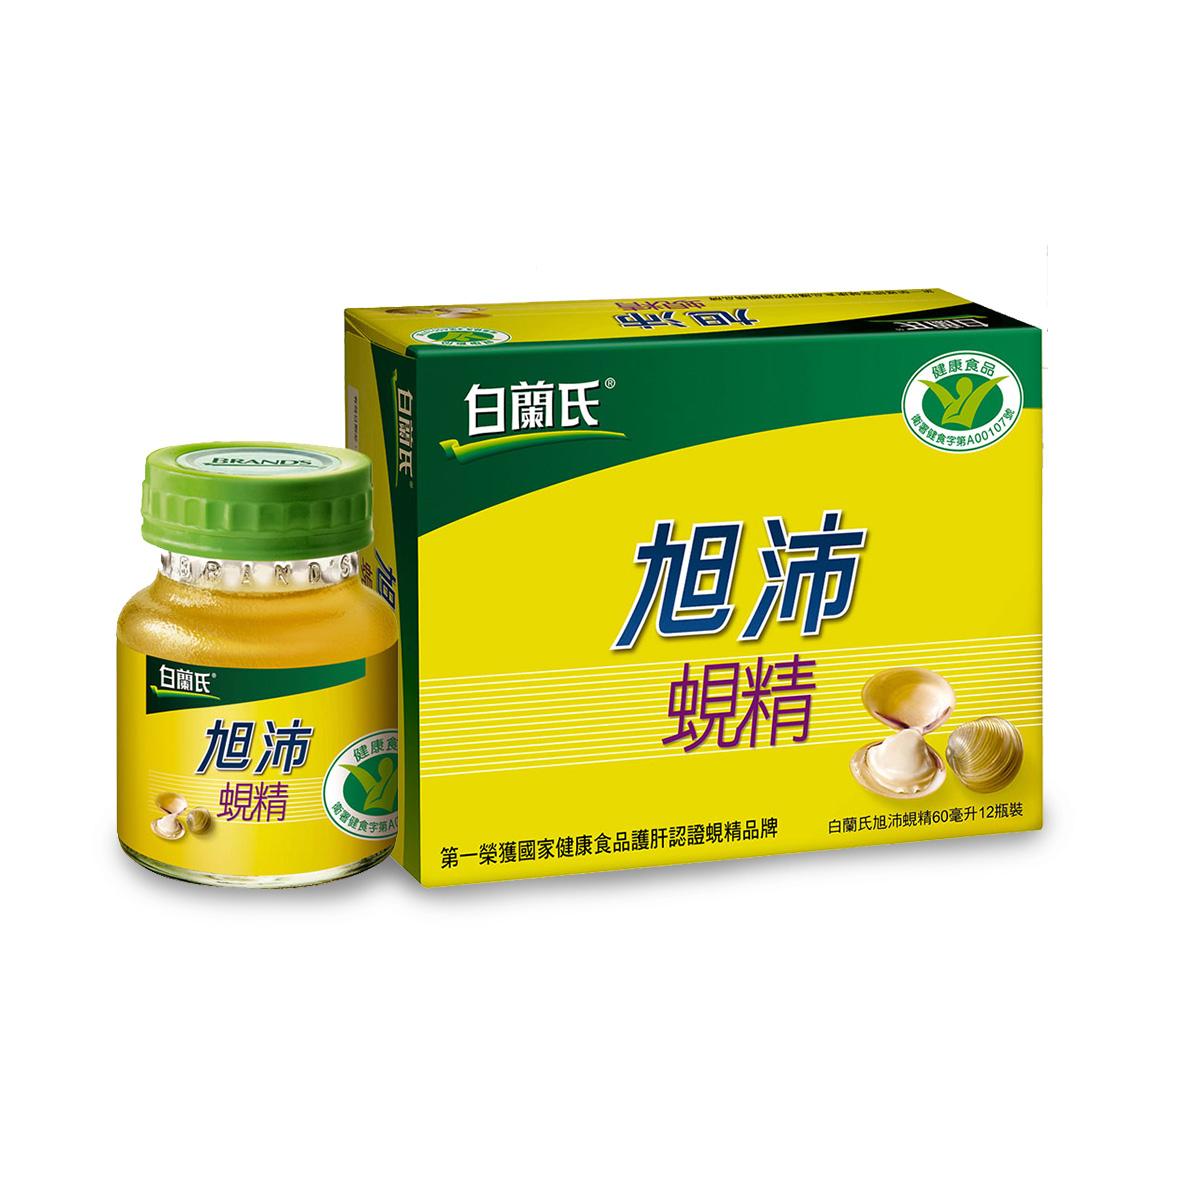 【國家護肝認證】旭沛蜆精 60ml6入裝-肝醣含量市售最高 有效補充活力不爆肝!